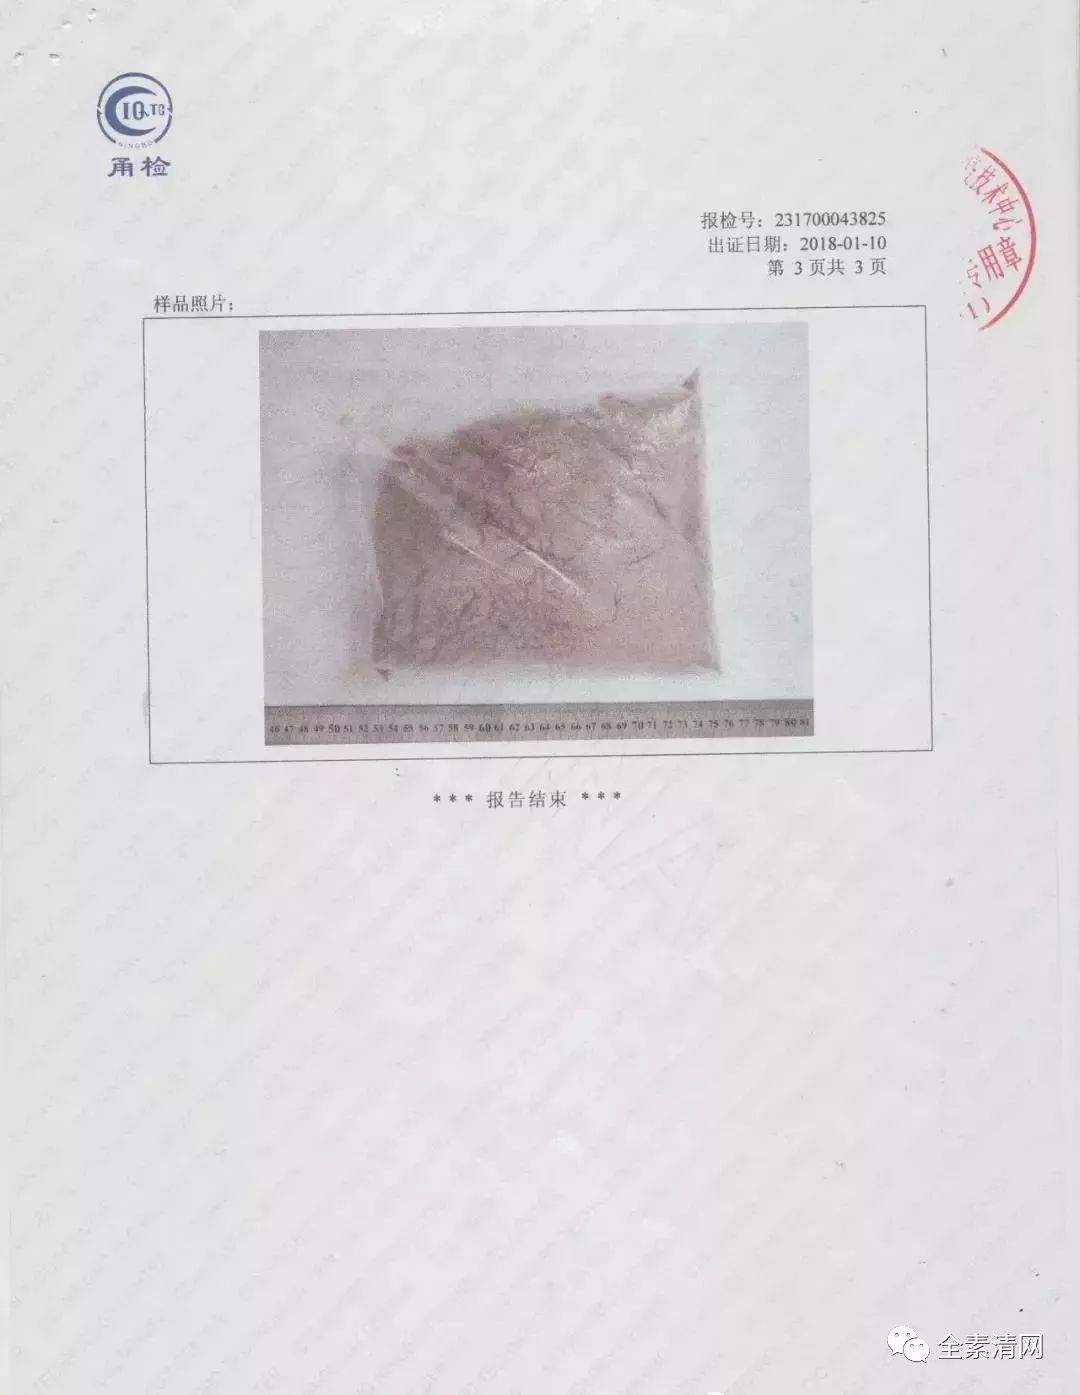 全素清产品认证与报告